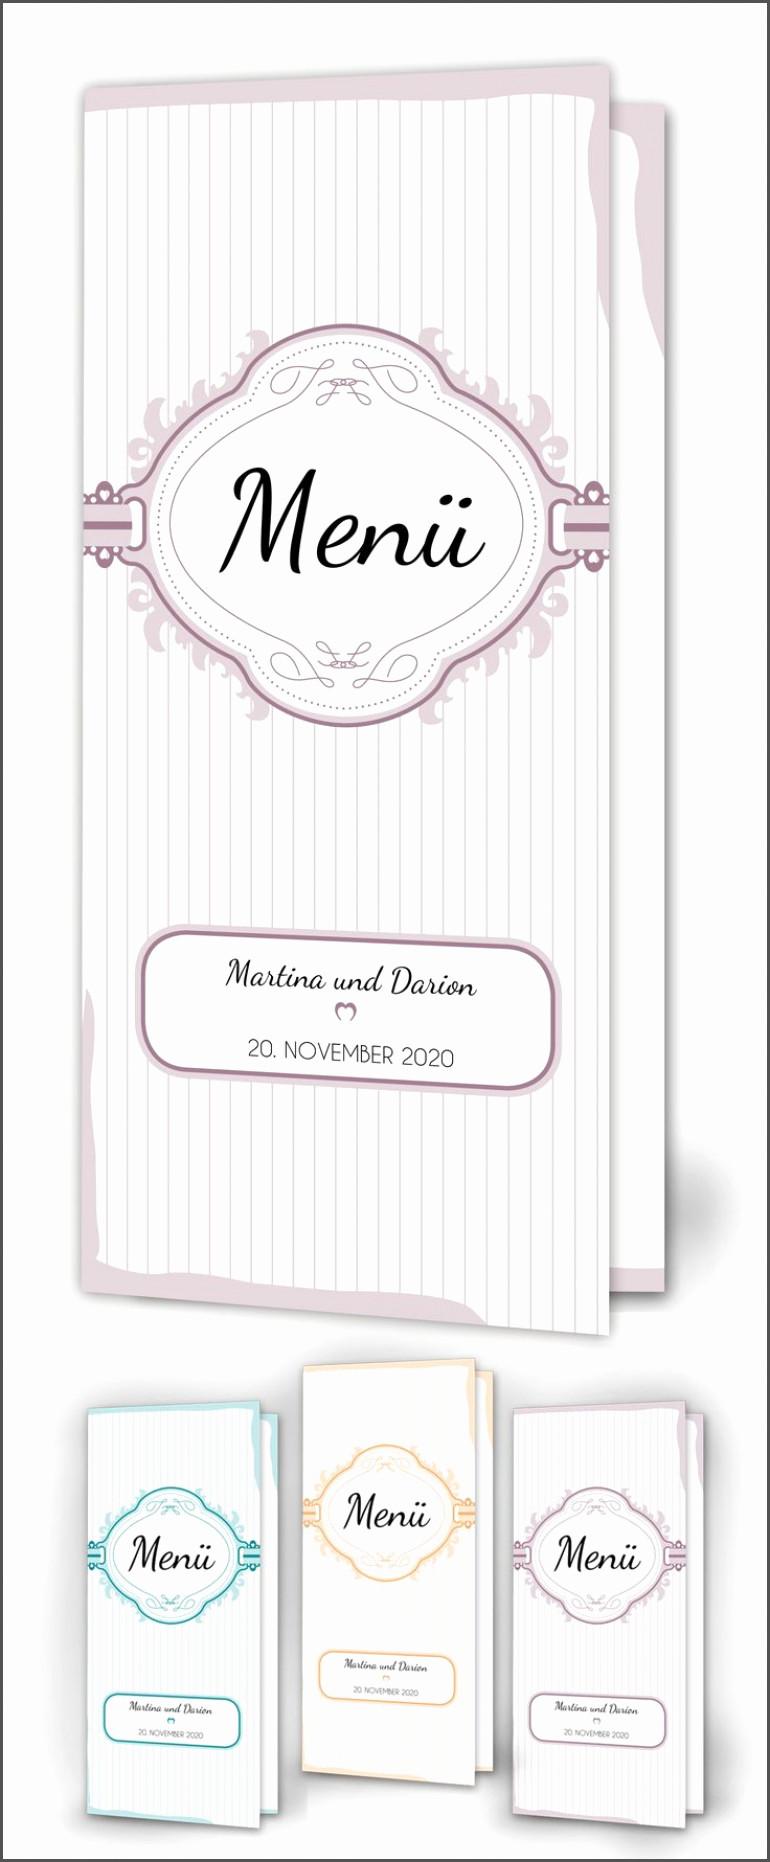 Programm Landshuter Hochzeit 2019  Einladungen Gestalten Programm Beau Einladung Hochzeit